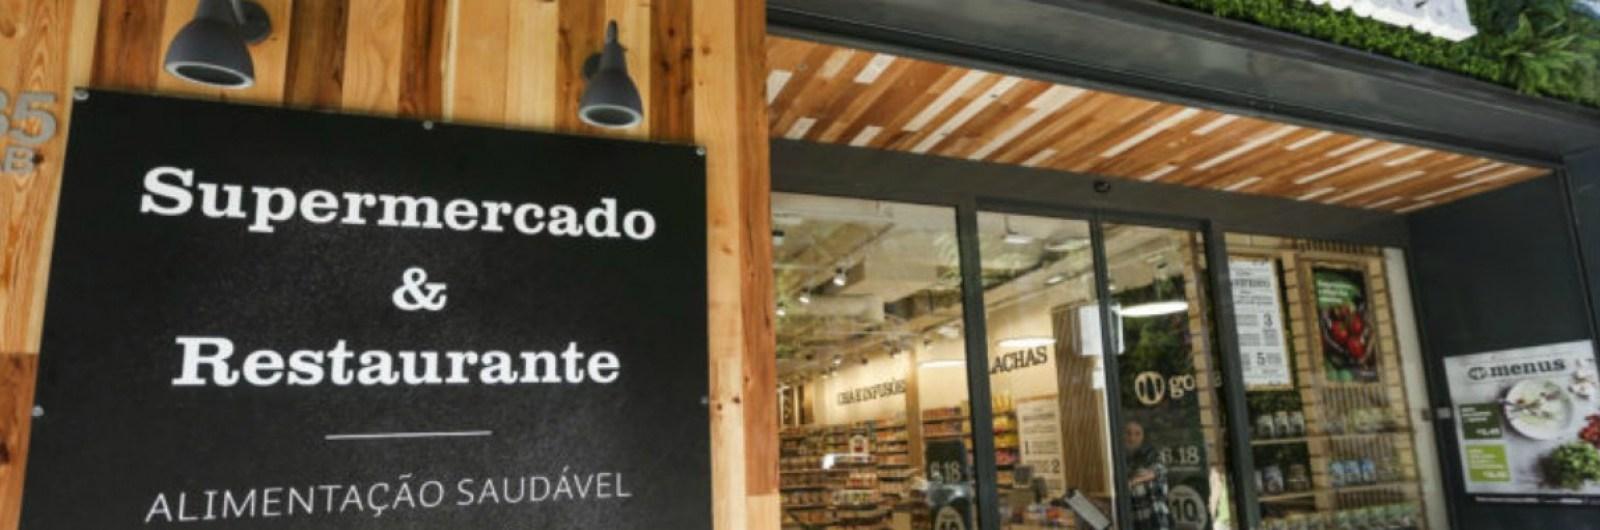 Sonae compra 51% da Go Natural e lança novo conceito de supermercado